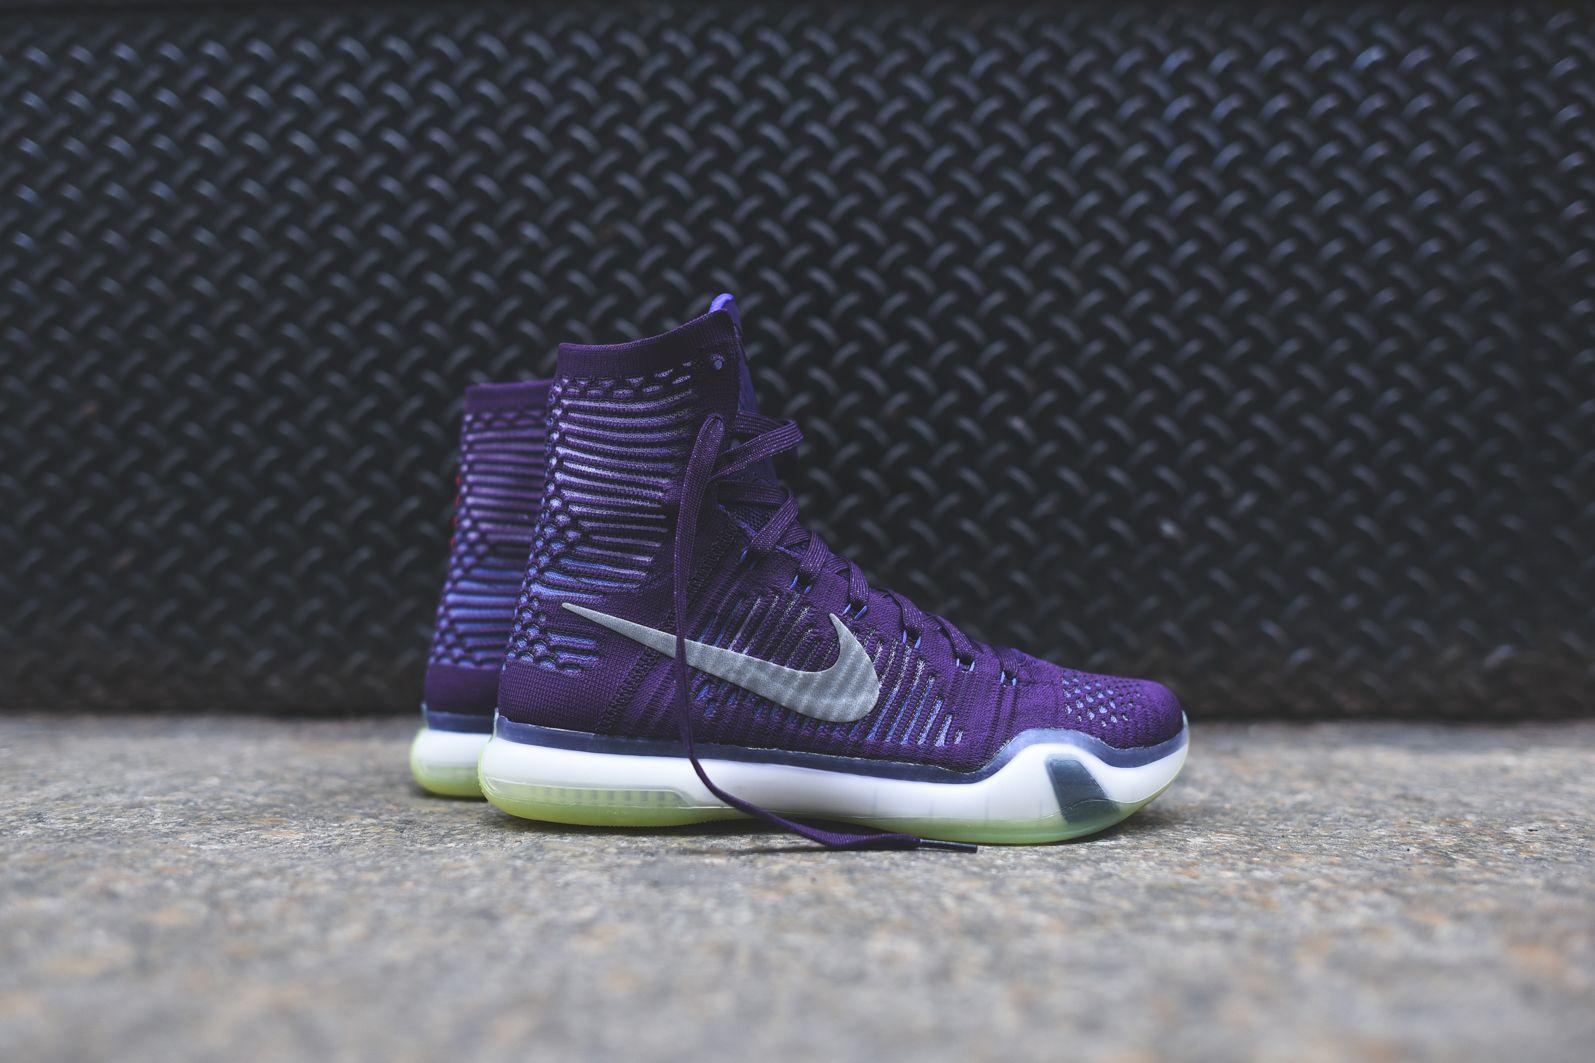 a61bddc11720 Nike Kobe X Elite - Grand Purple   Persian Violet